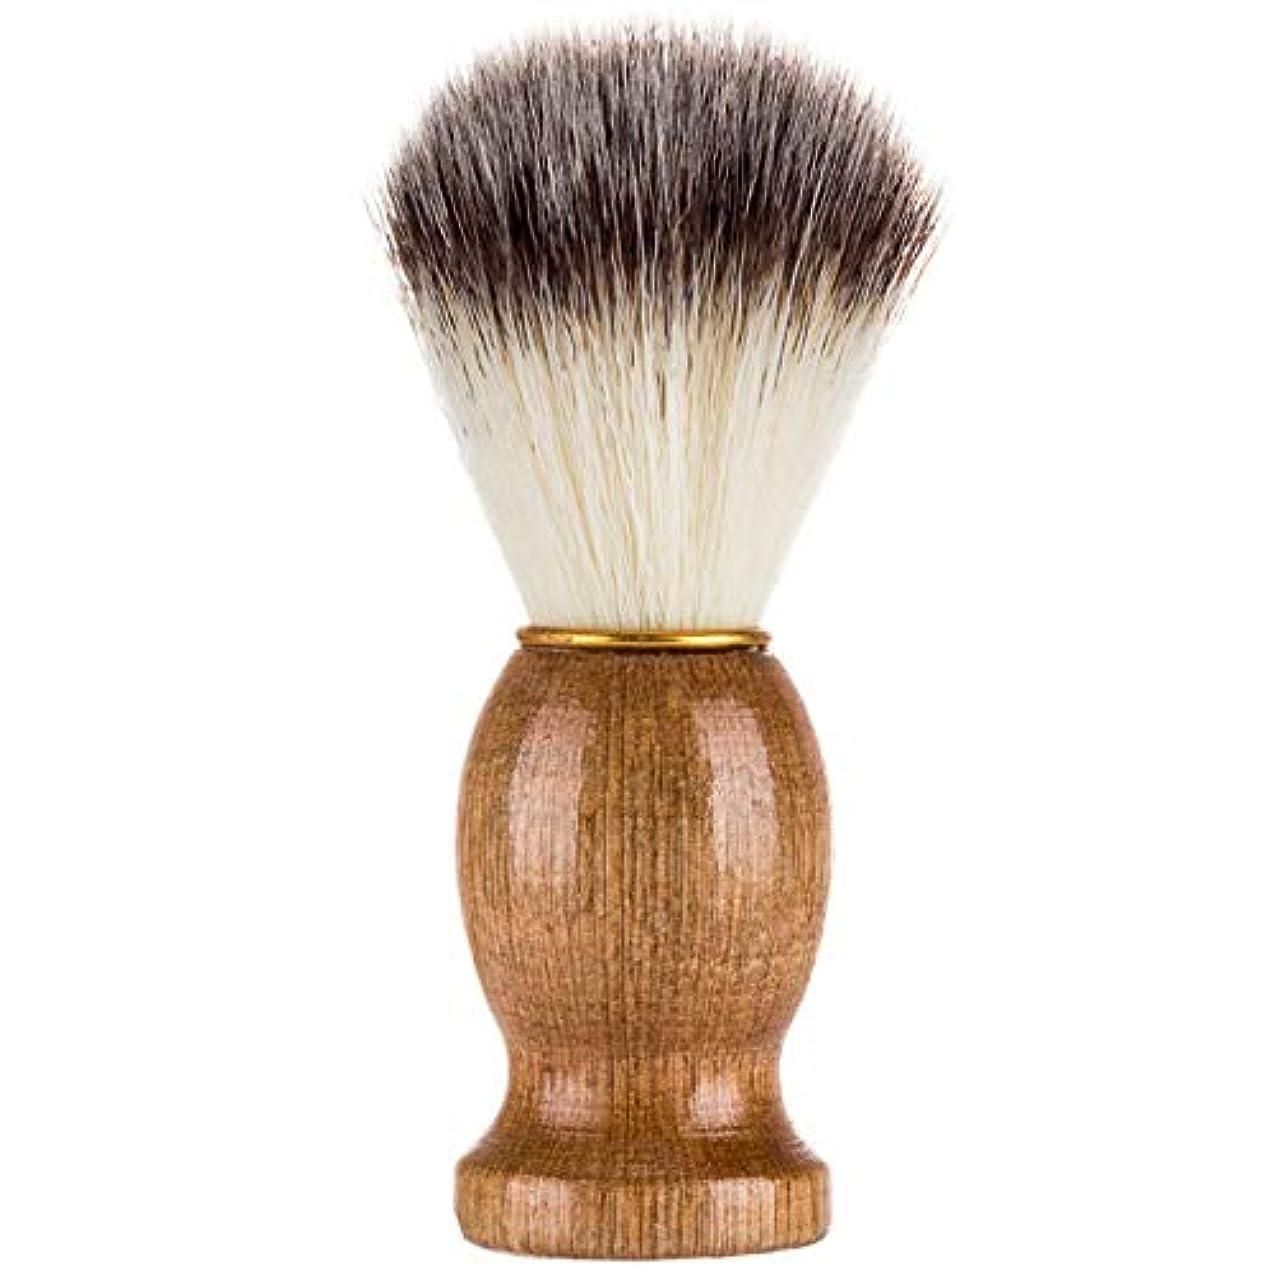 囚人航空会社誠実ソフトヘアメイクブラシメンズシェービングブラシ品質剛毛新しいポータブルハイエンドひげブラシ美容ツール